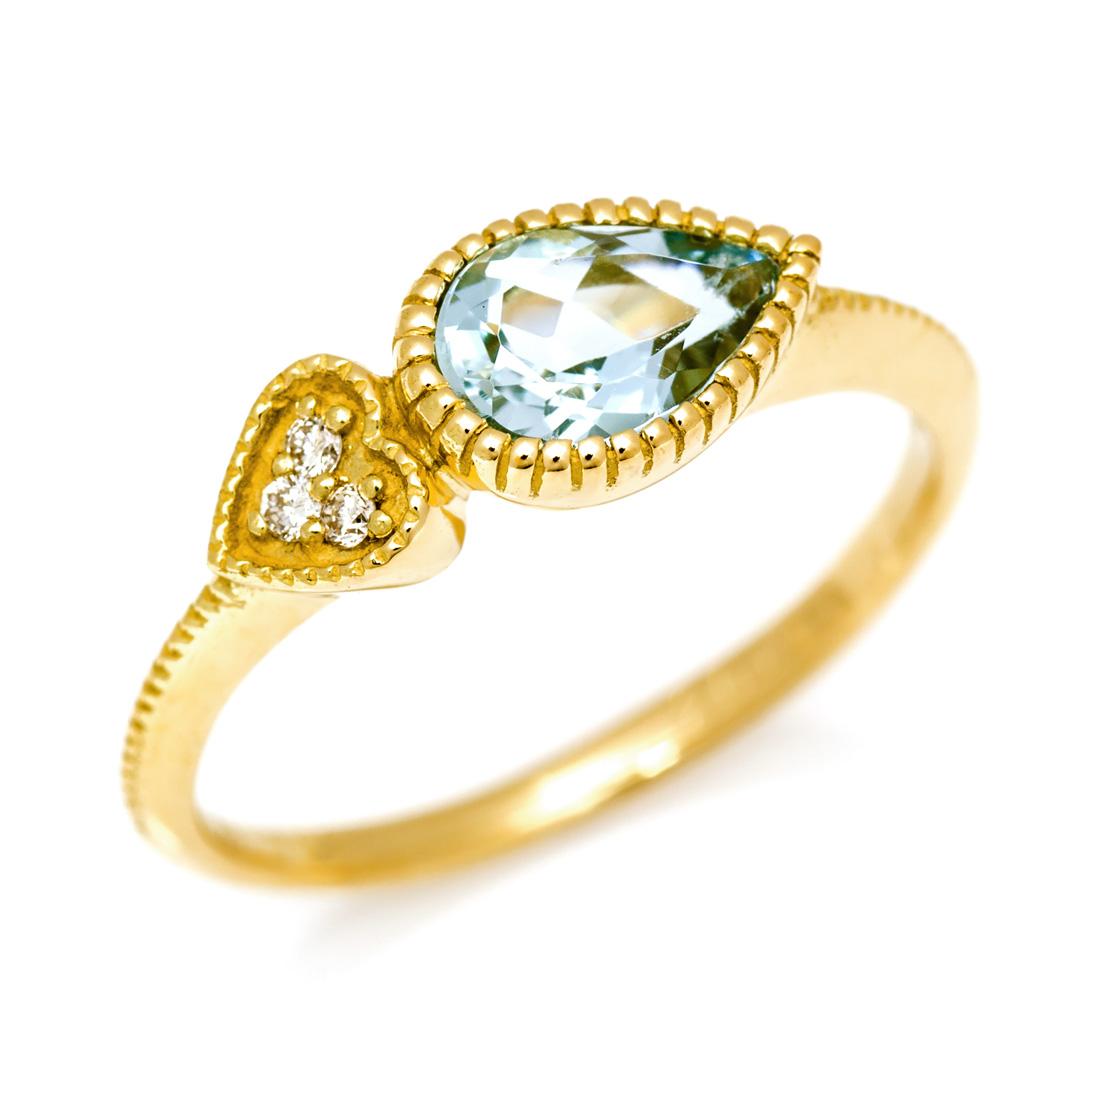 【GWクーポン配布中】K18 アクアマリン ダイヤモンド リング 「pianto」送料無料 指輪 18K 18金 ゴールド アクワマリン ダイアモンド ハート ミル打ち 誕生日 3月誕生石 文字入れ 刻印 ピンキーリング対応可能 メッセージ ギフト 贈り物